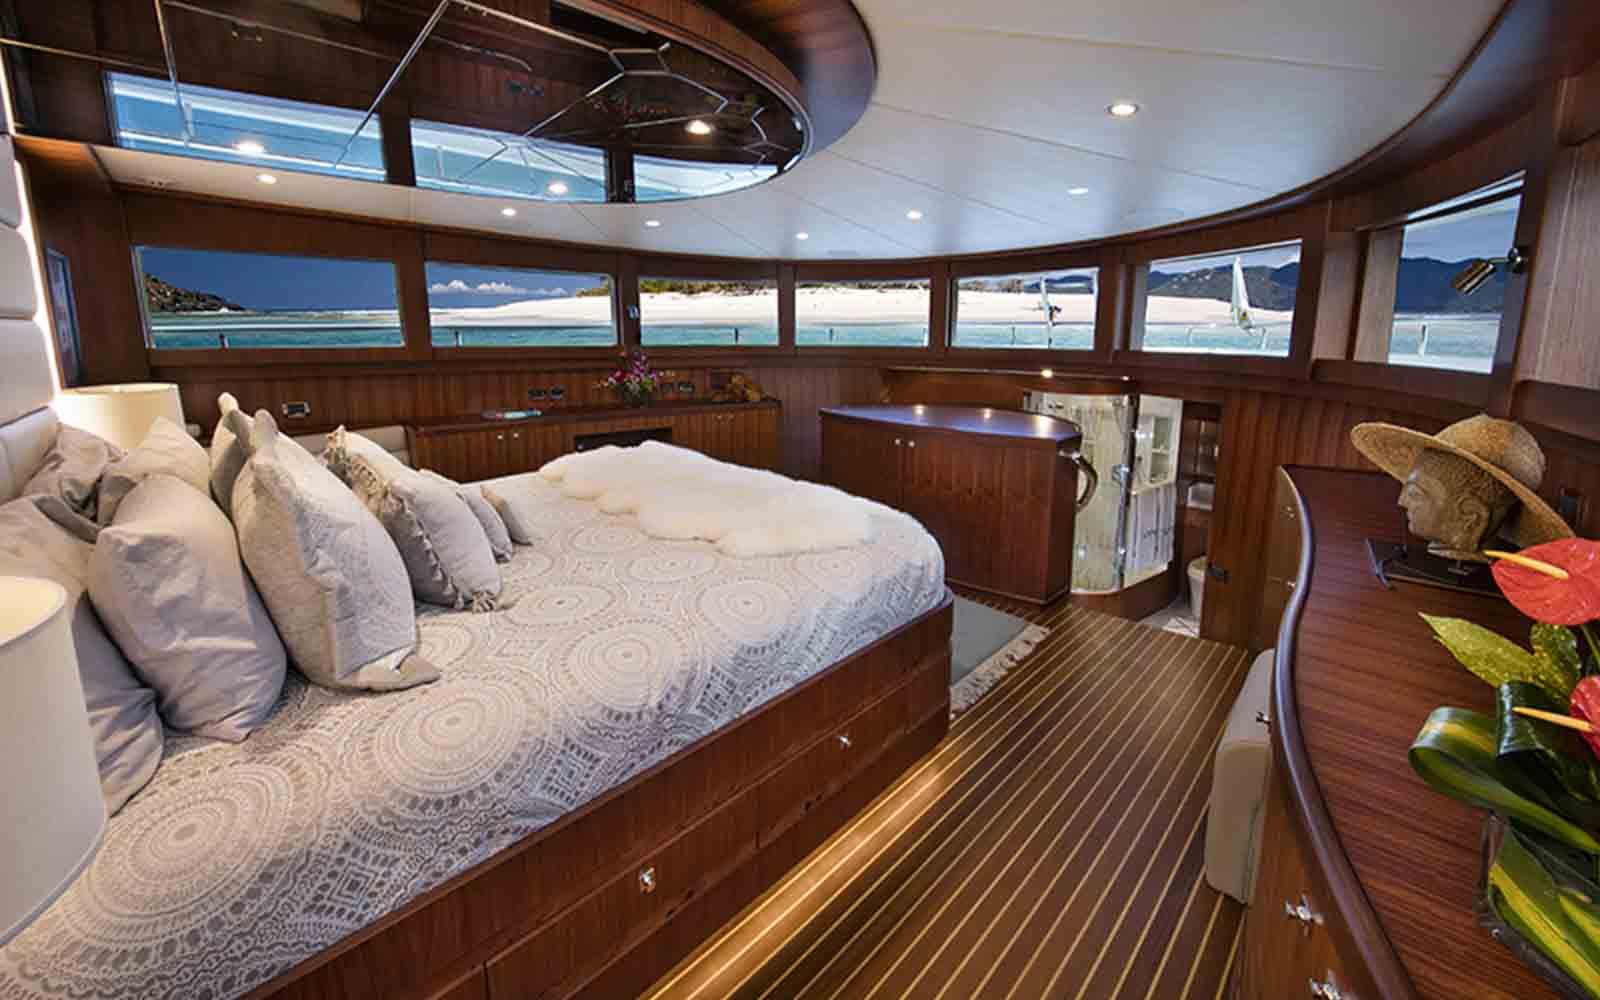 johnson yachts 110 skylounge - boat shopping